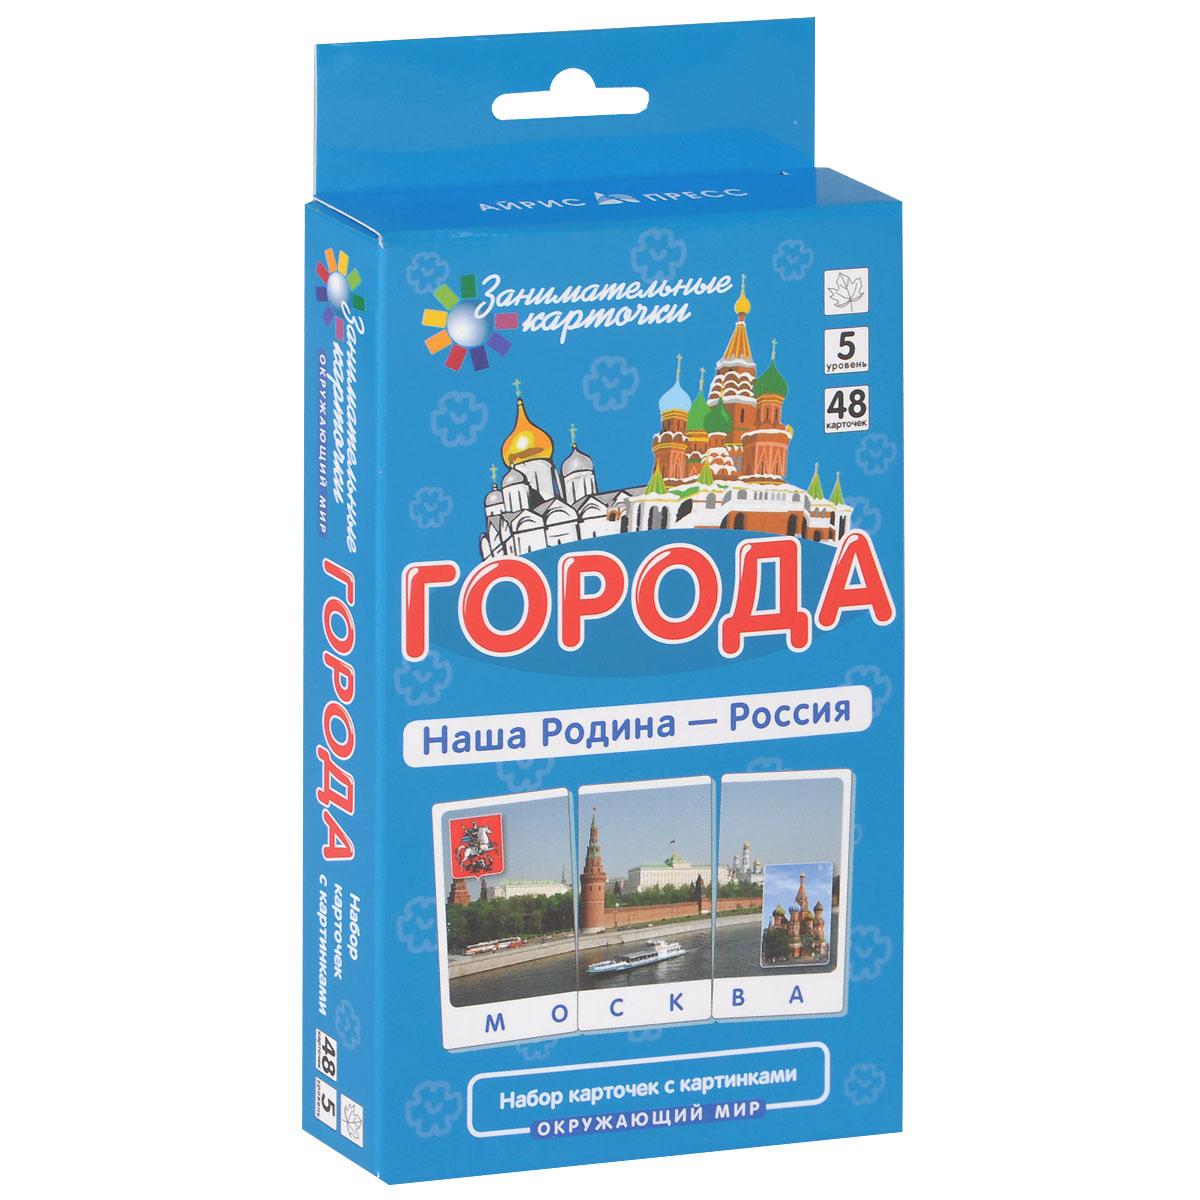 Айрис-пресс Обучающая игра Окружающий мир Наша Родина - Россия Города в какой аптеке города губкинска можно купить стрептоцид